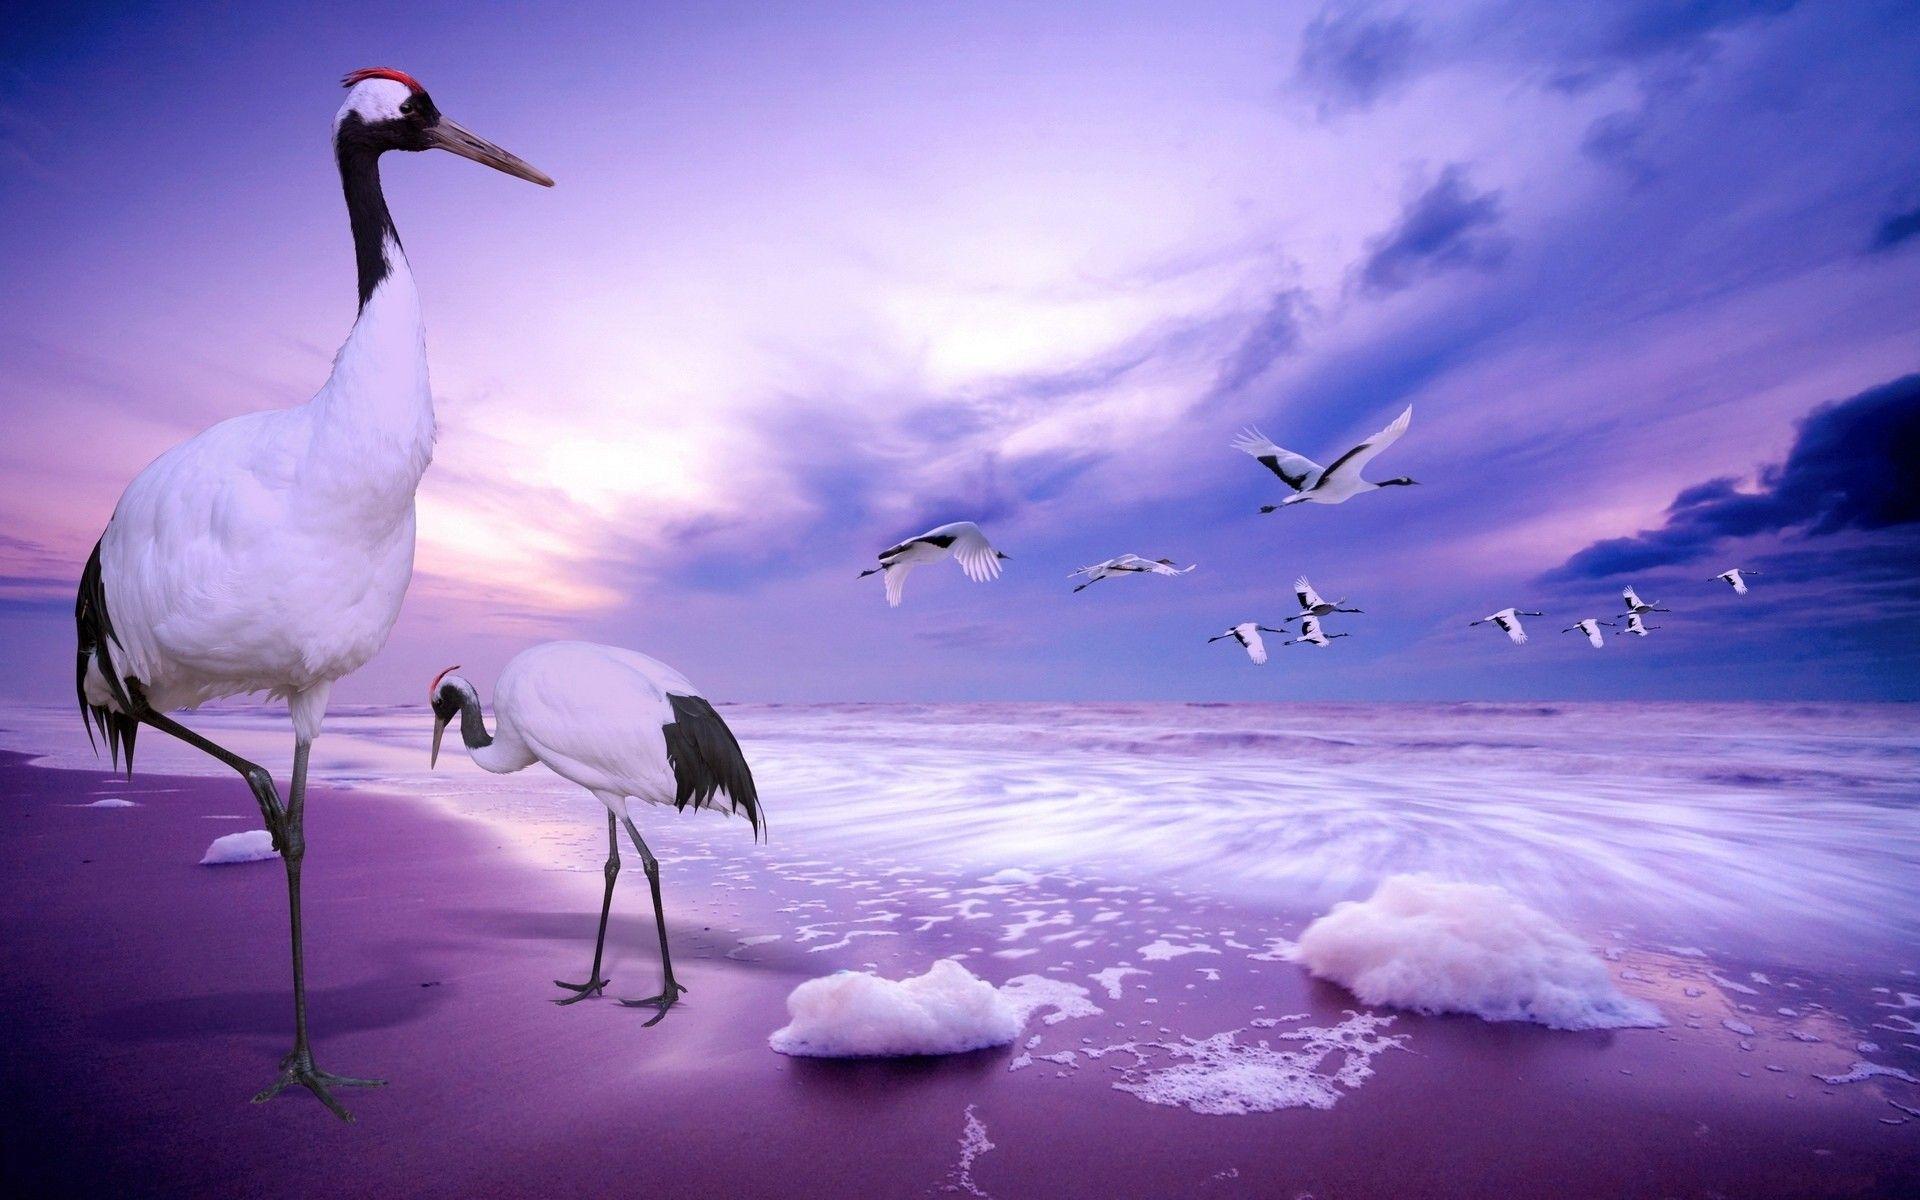 Cranes On The Beach Fotooboi Morskie Volny Pejzazhi